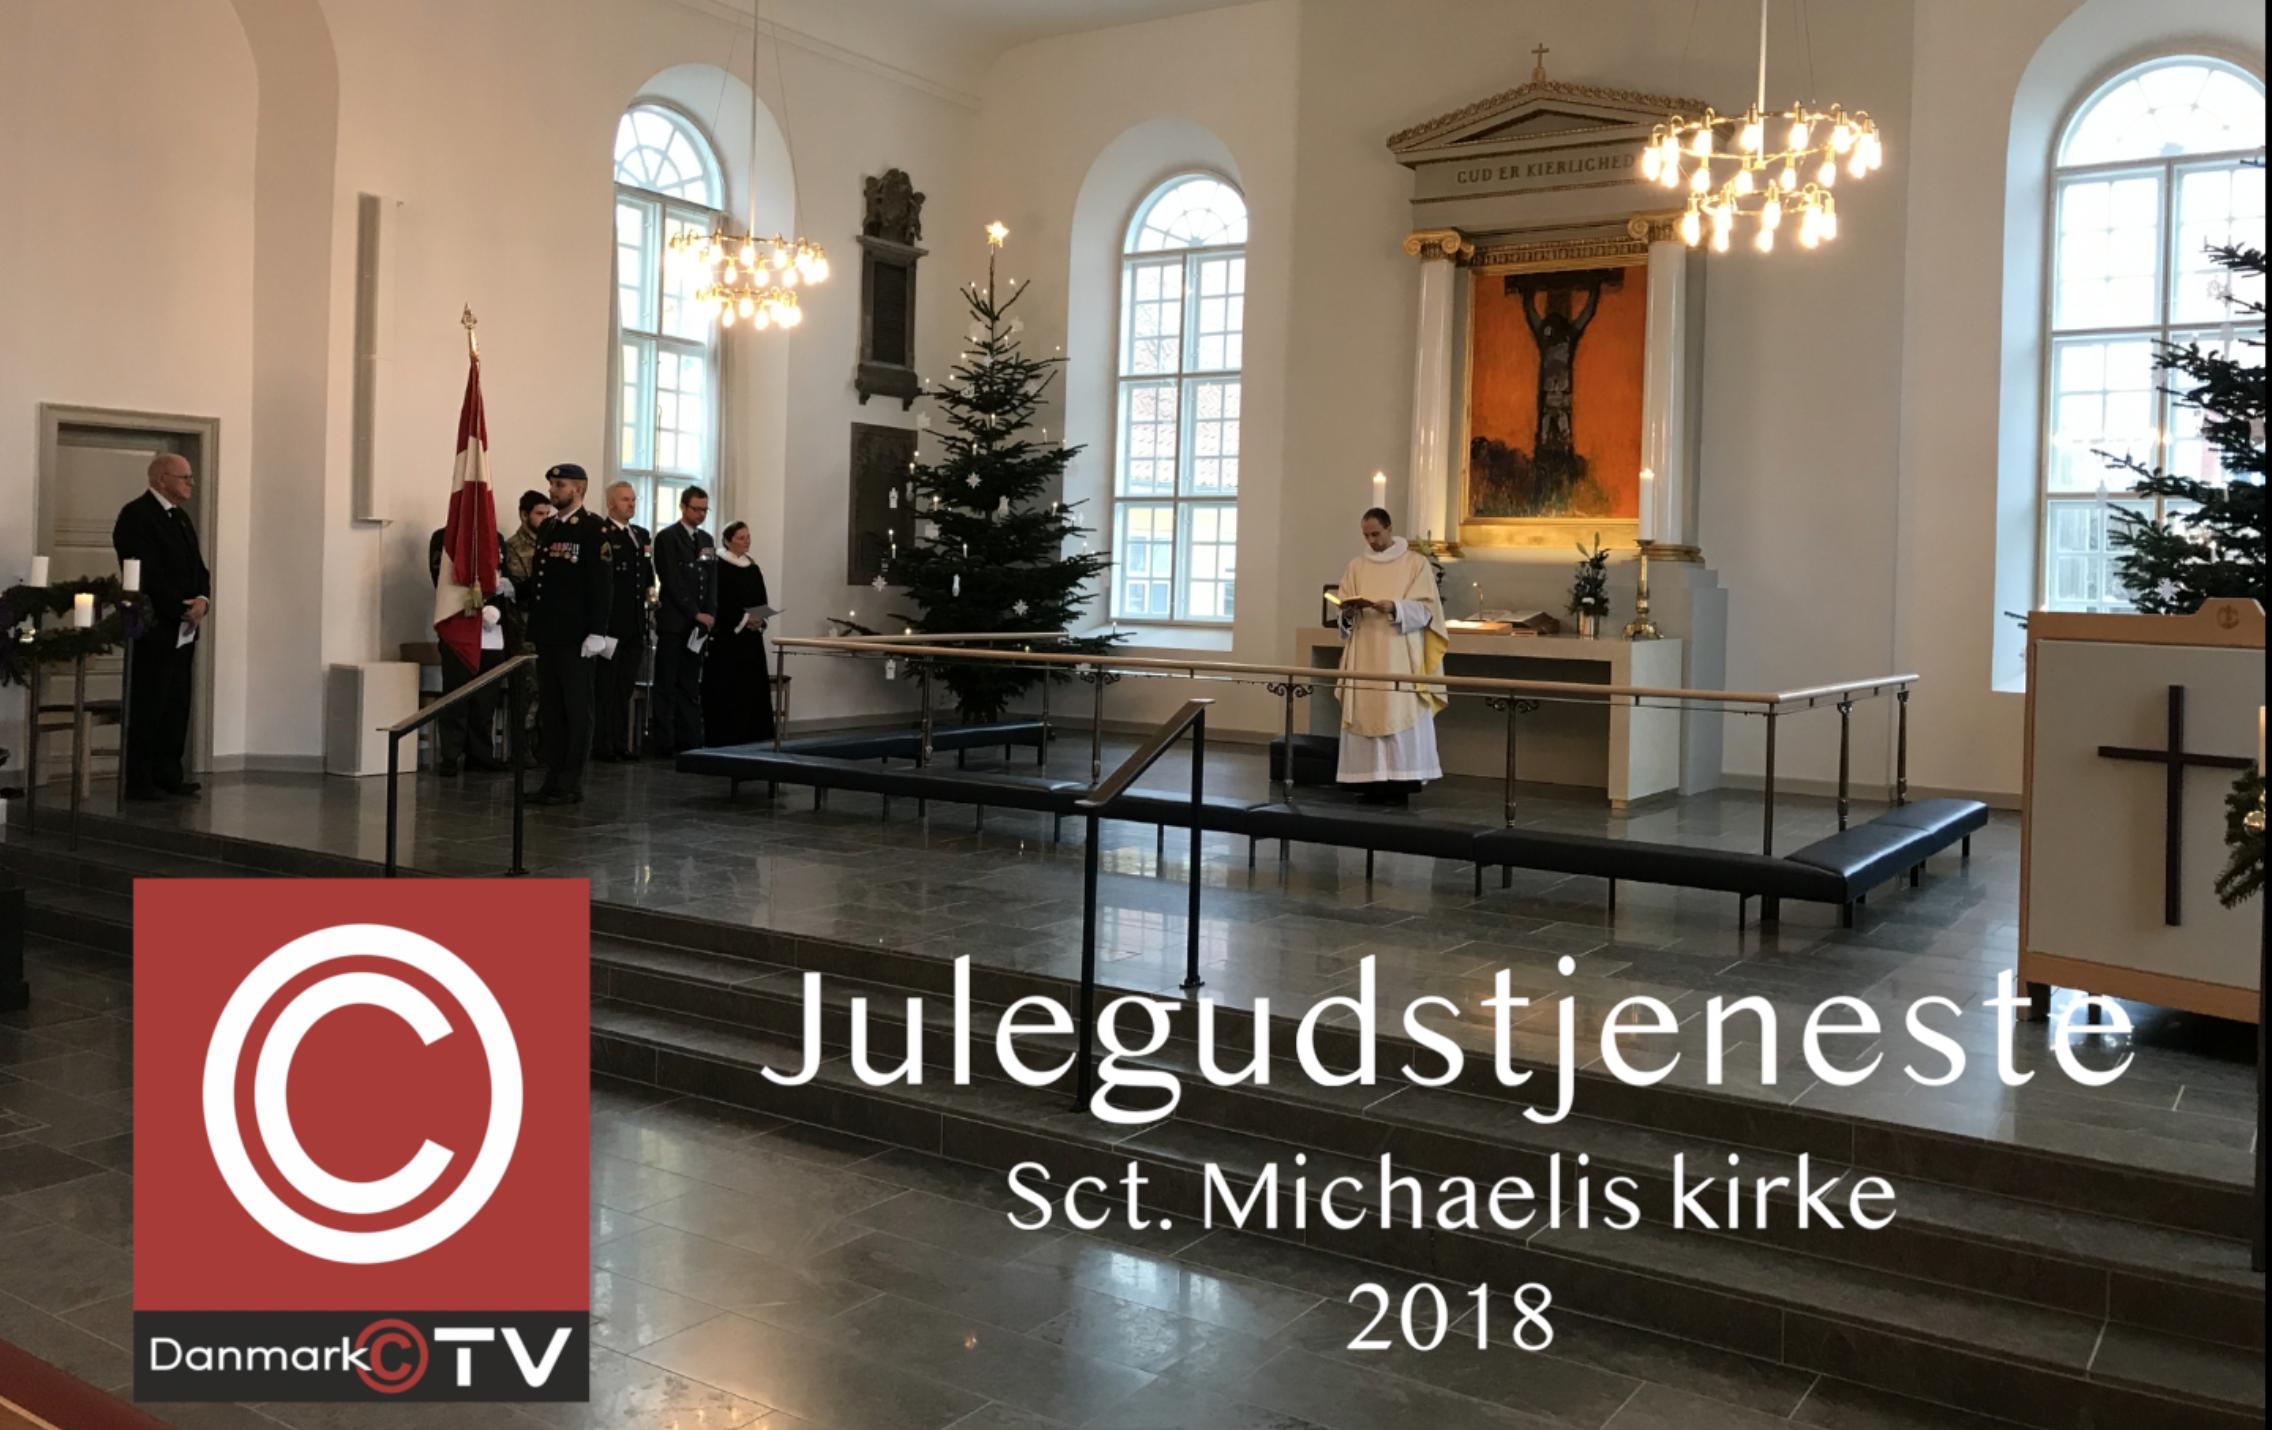 JULEGUDSTJENESTE FRA SCT. MICHAELIS KIRKE